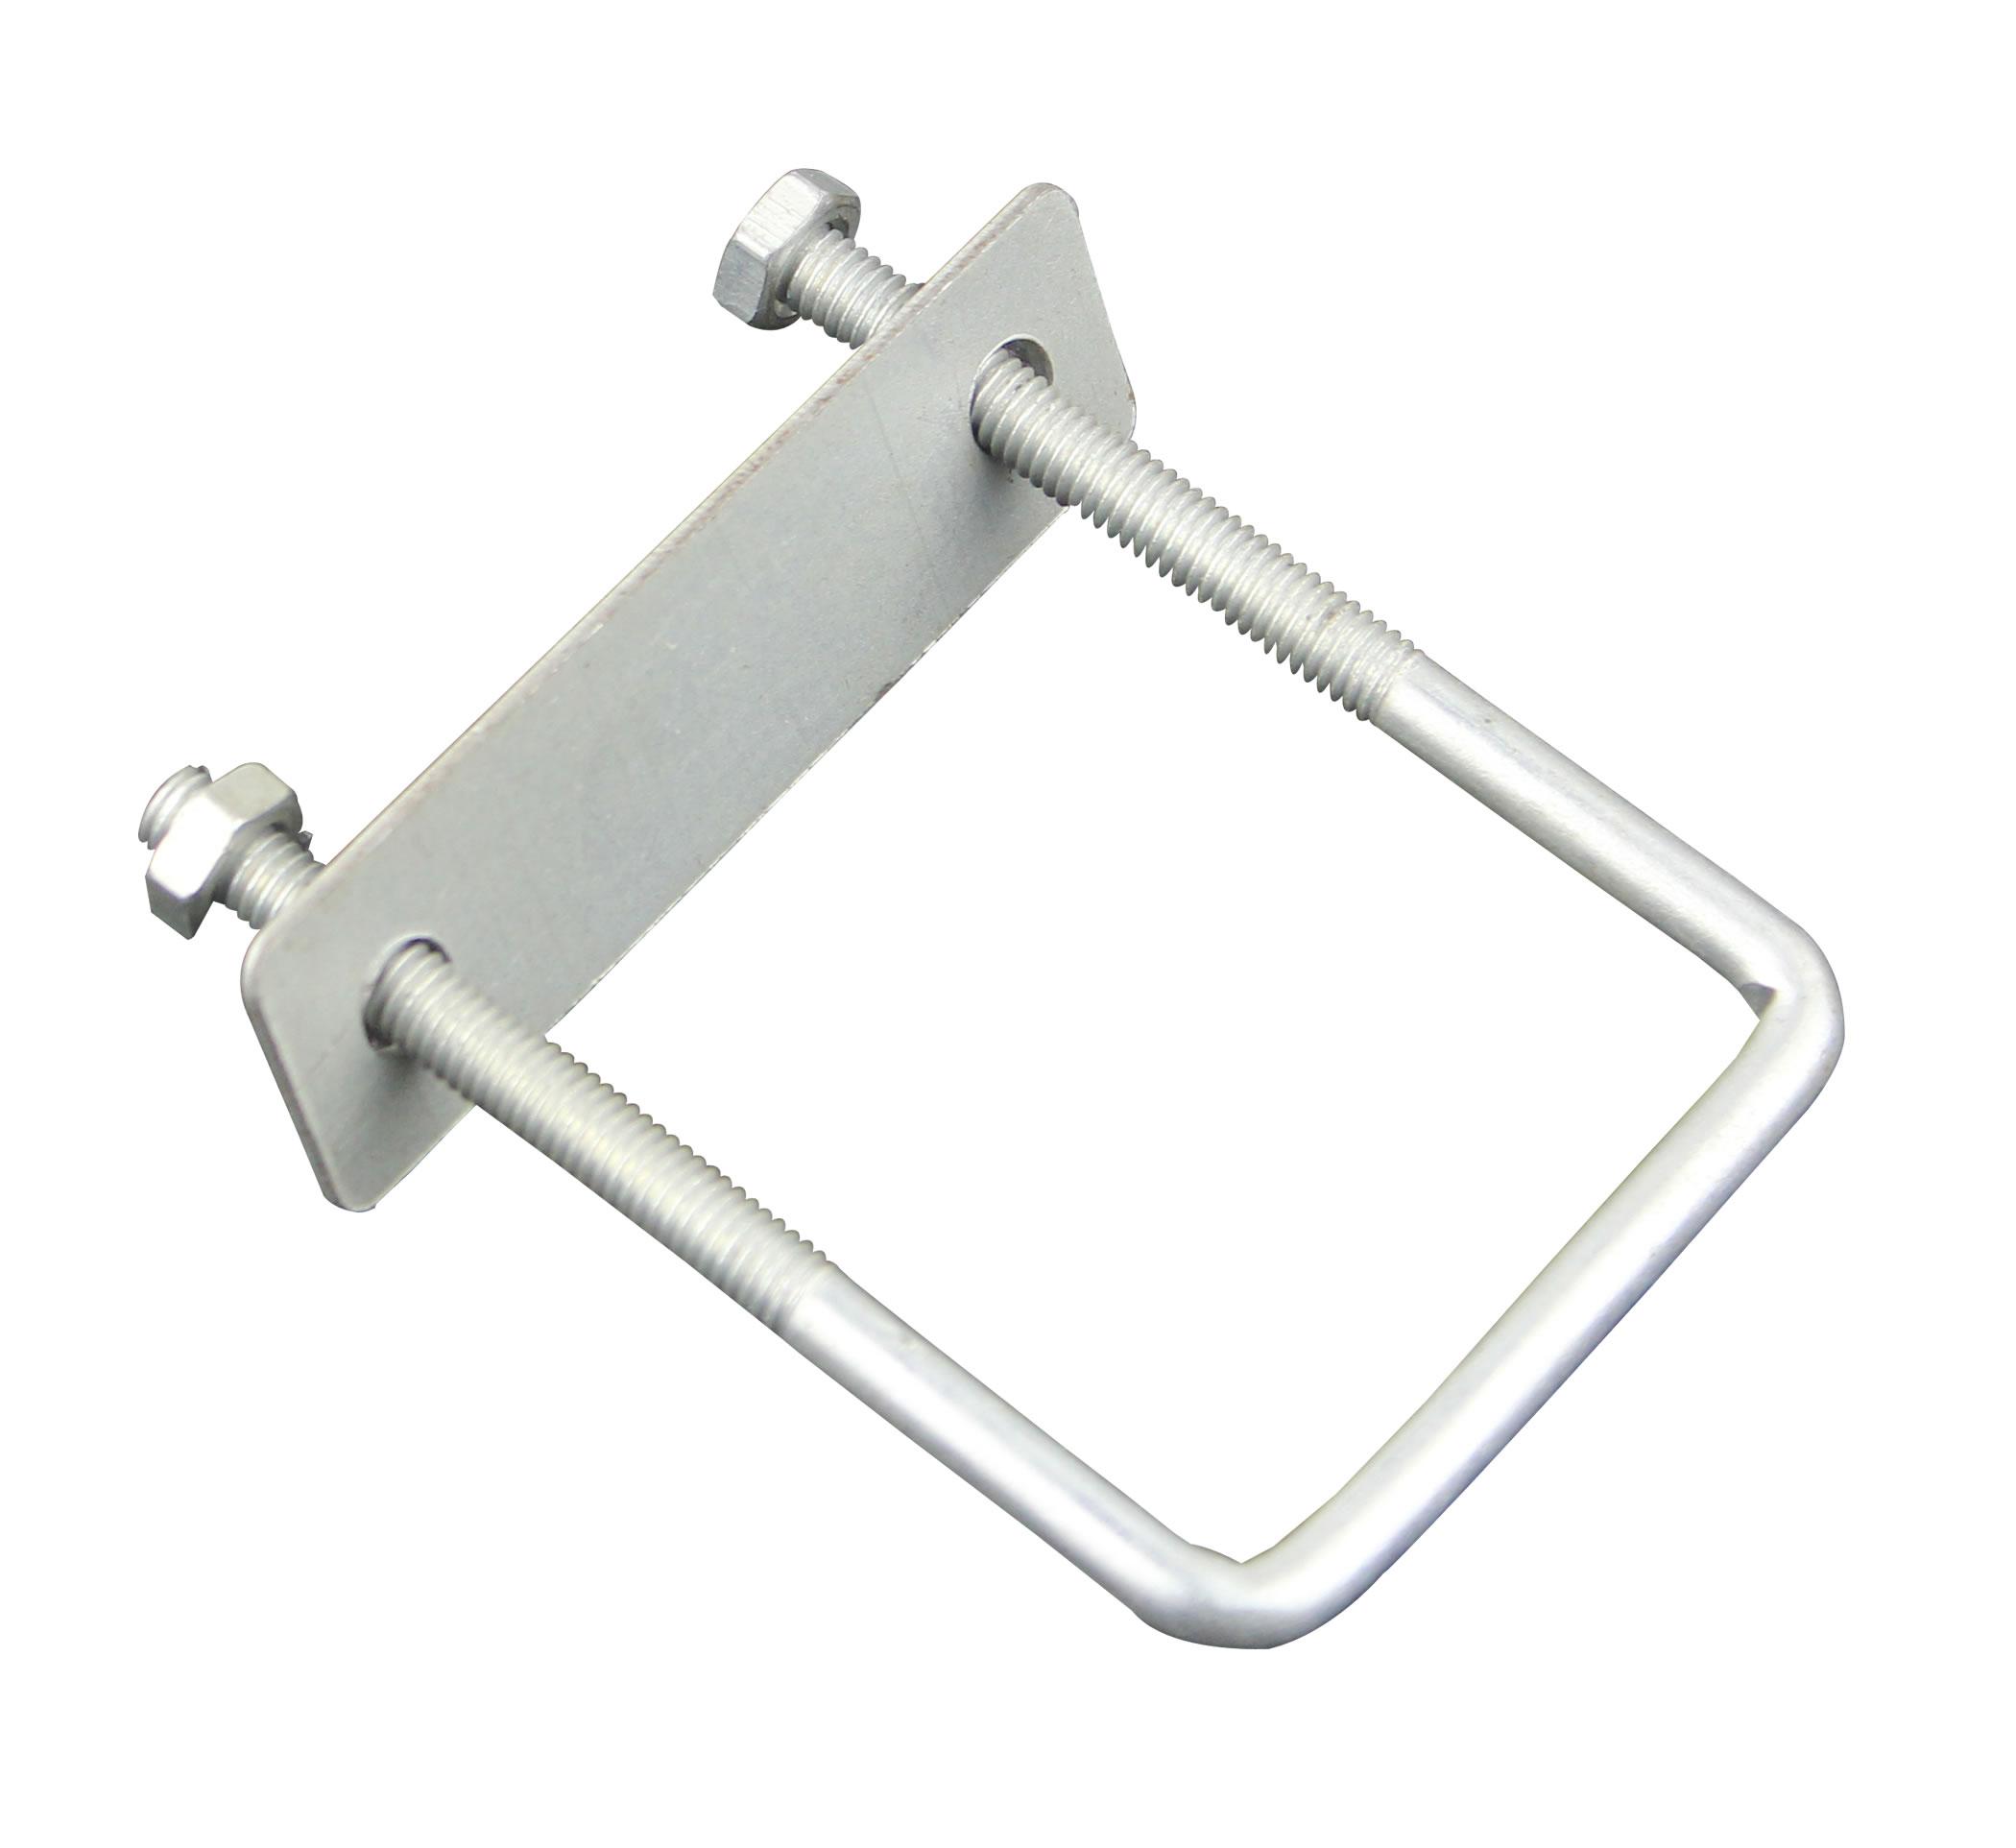 方管配件:U型螺栓